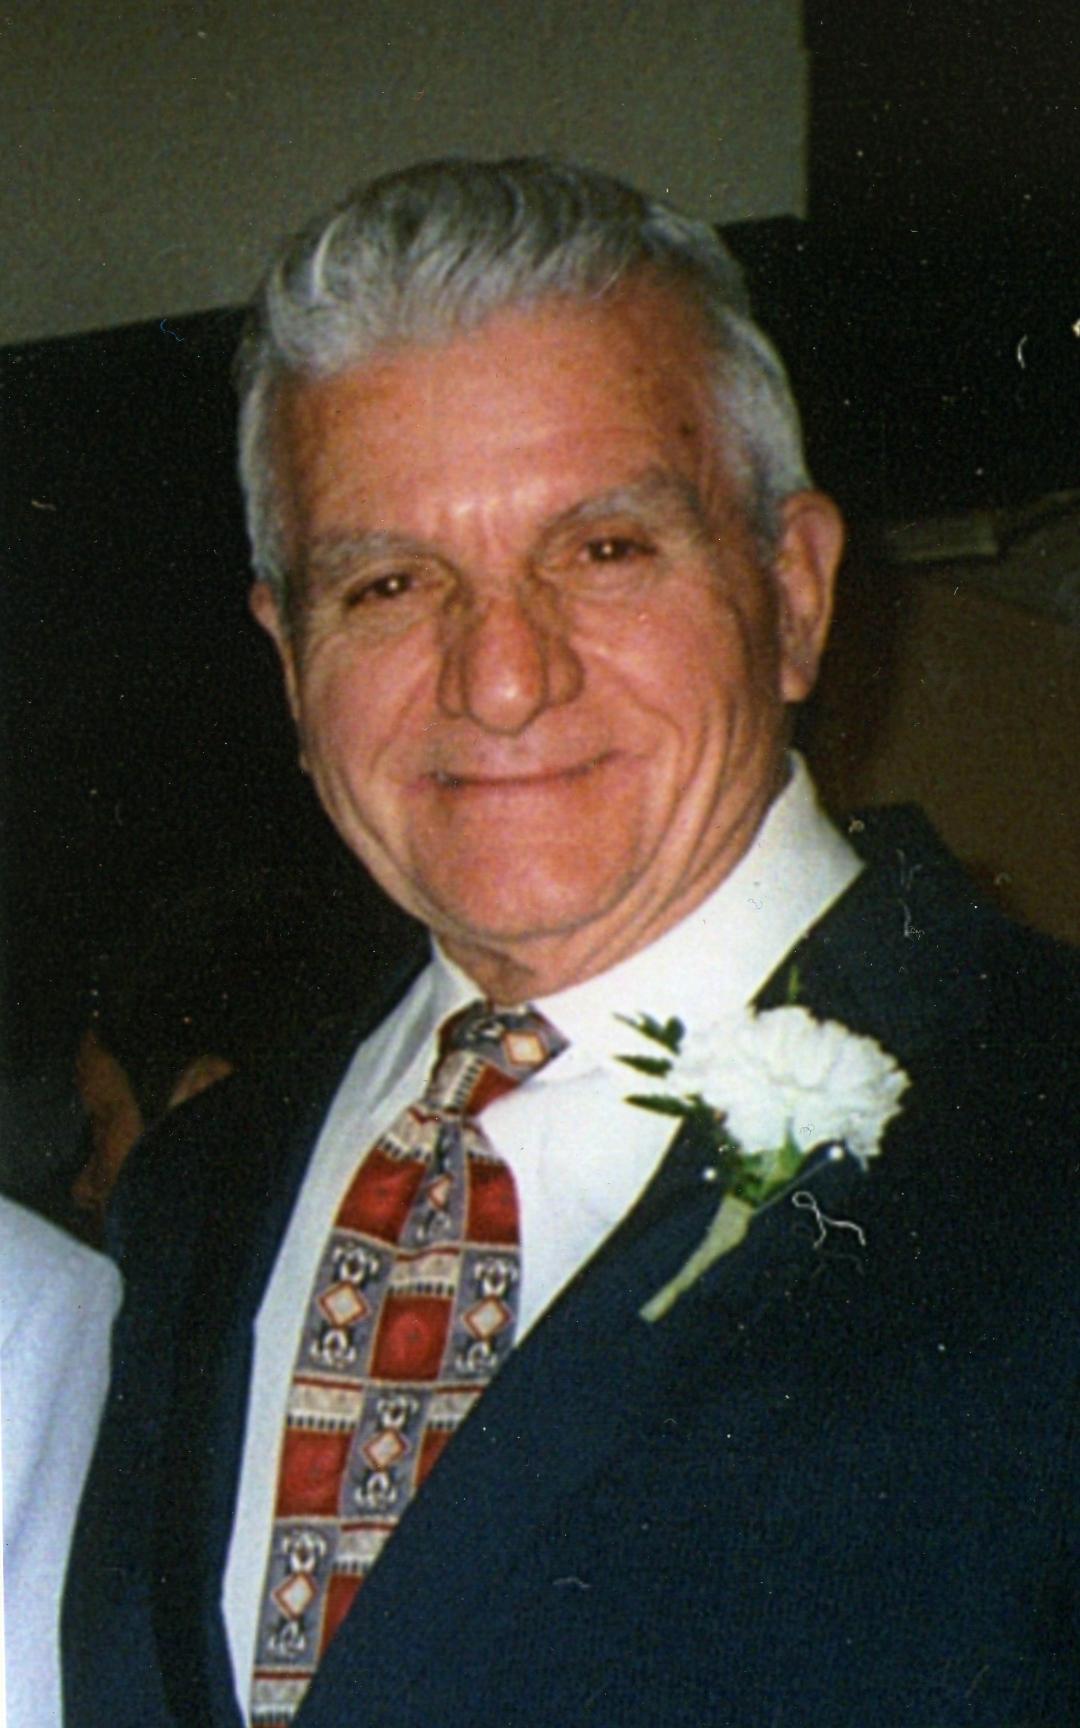 Carmine Vassalotti